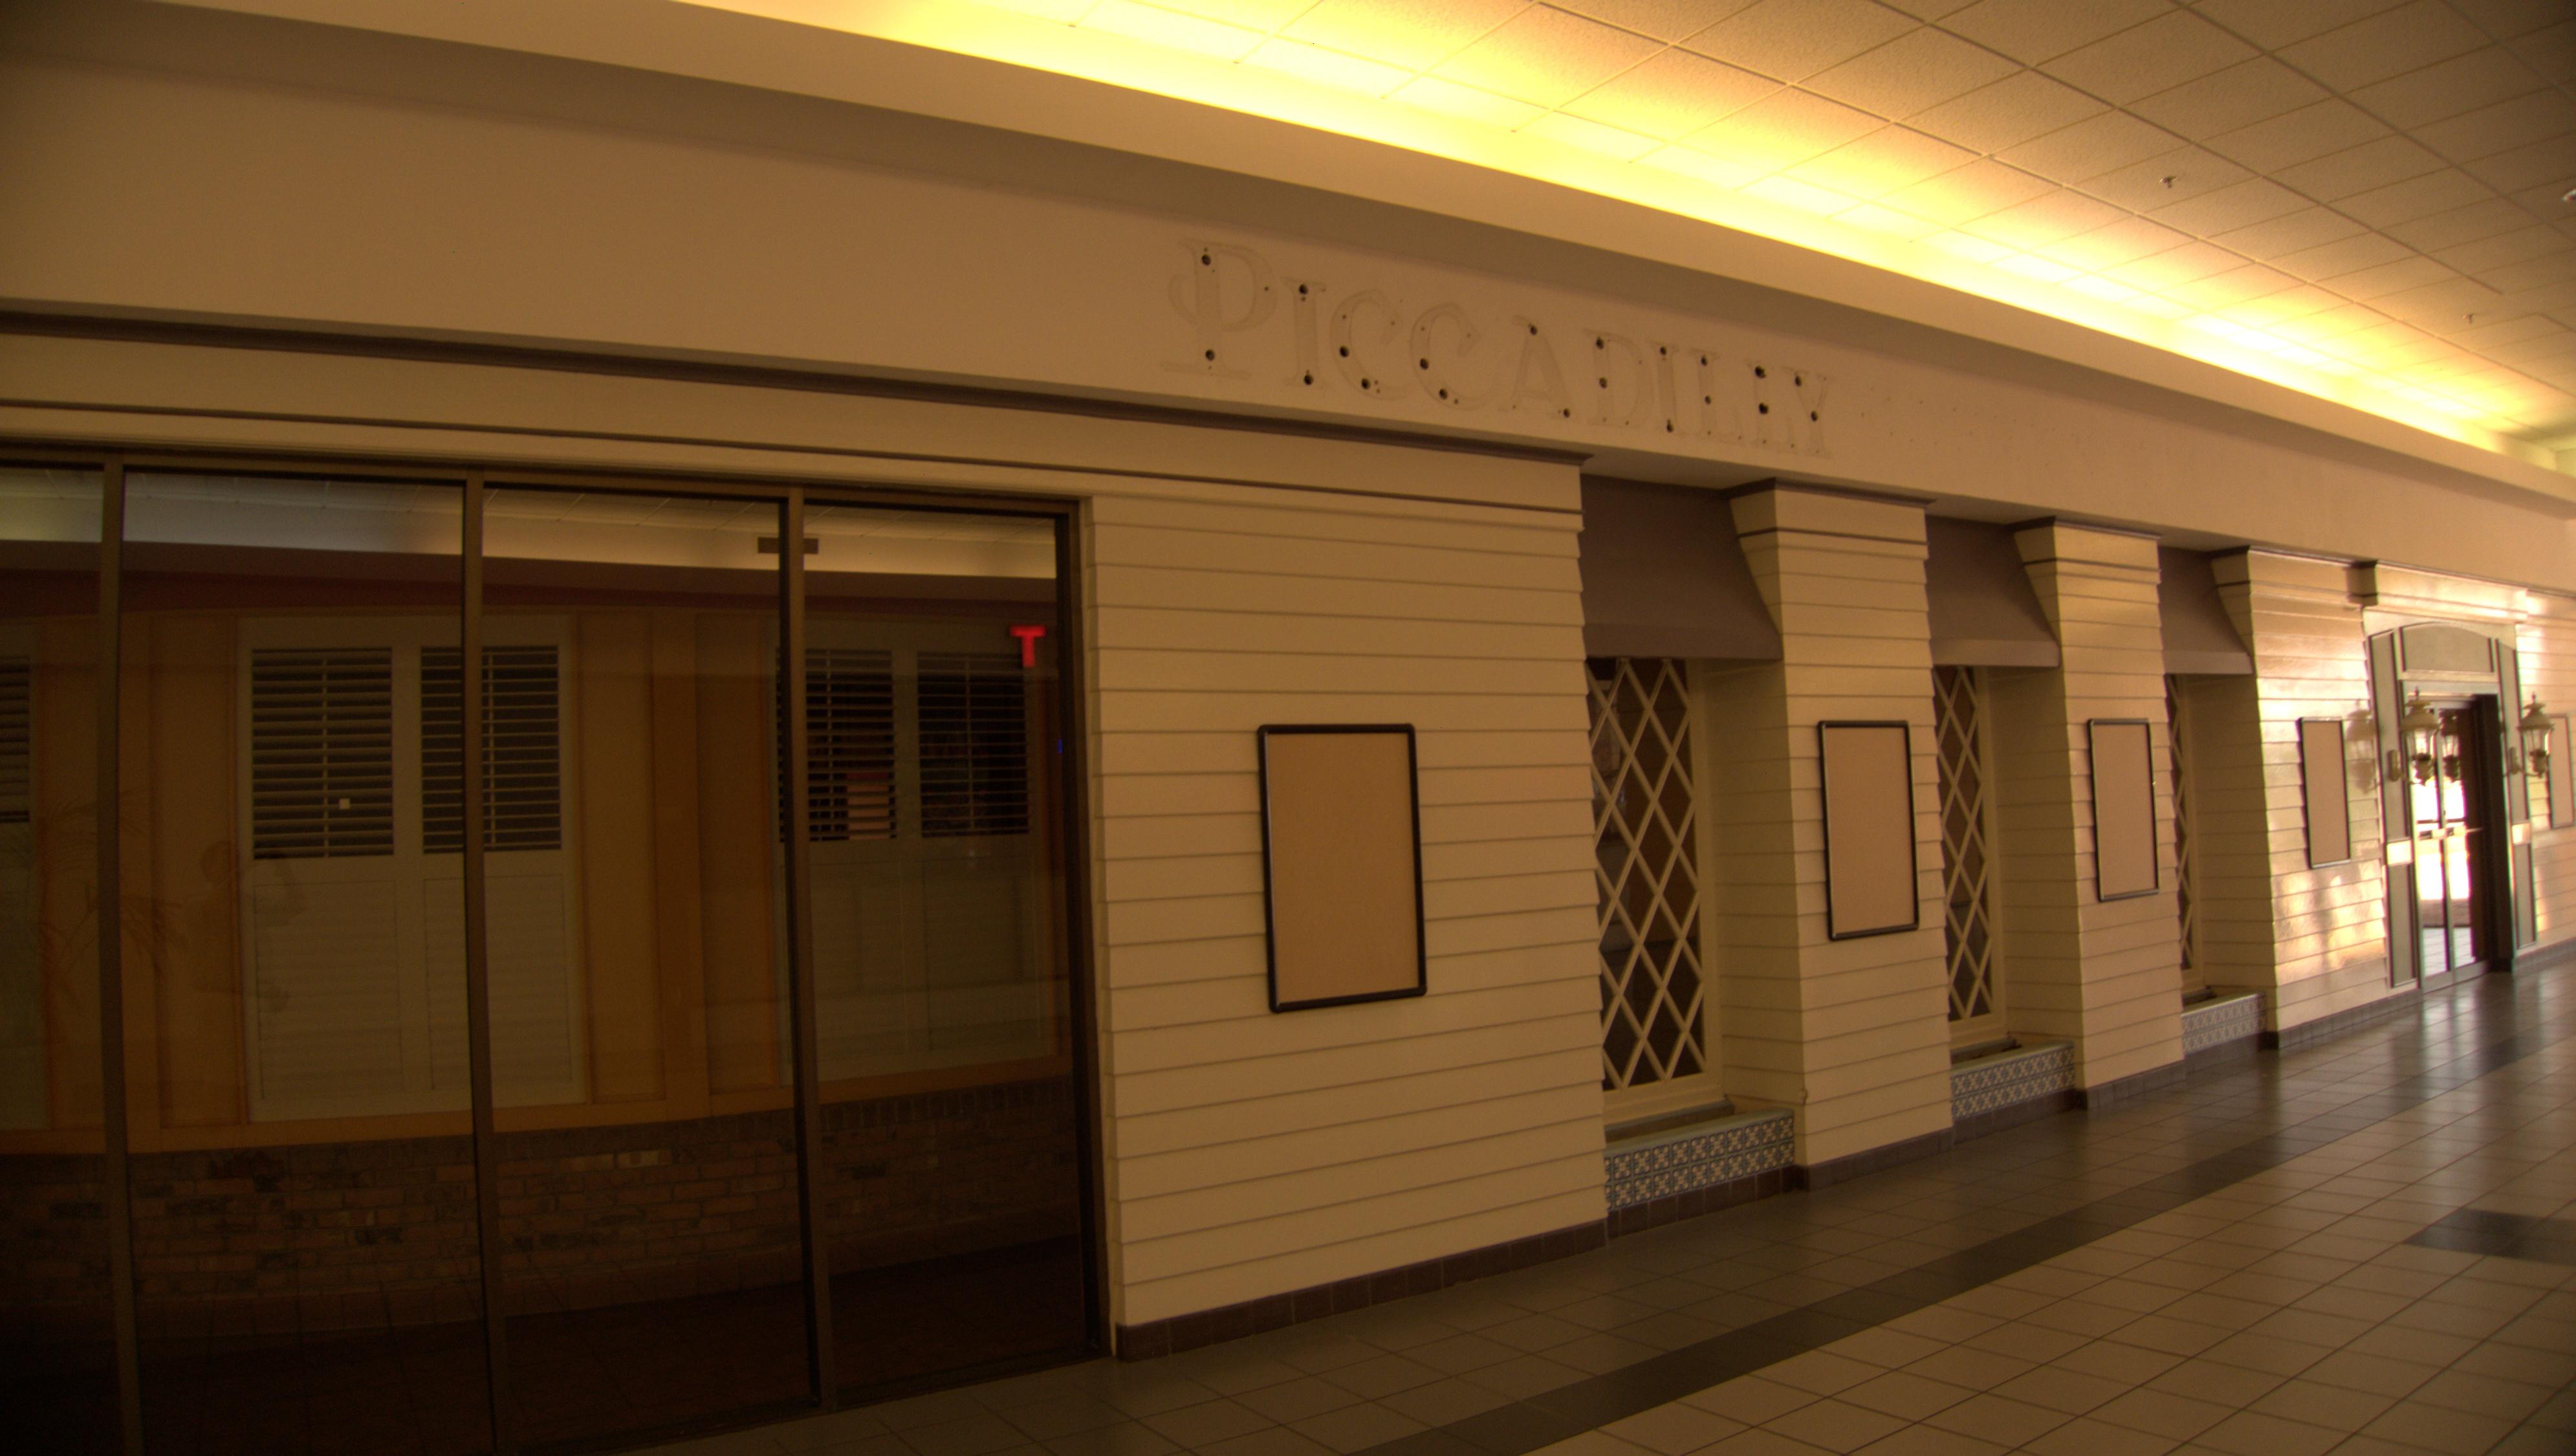 Dutch Square Mall >> Morrison's Cafeteria / Piccadilly Cafeteria, Dutch Square ...